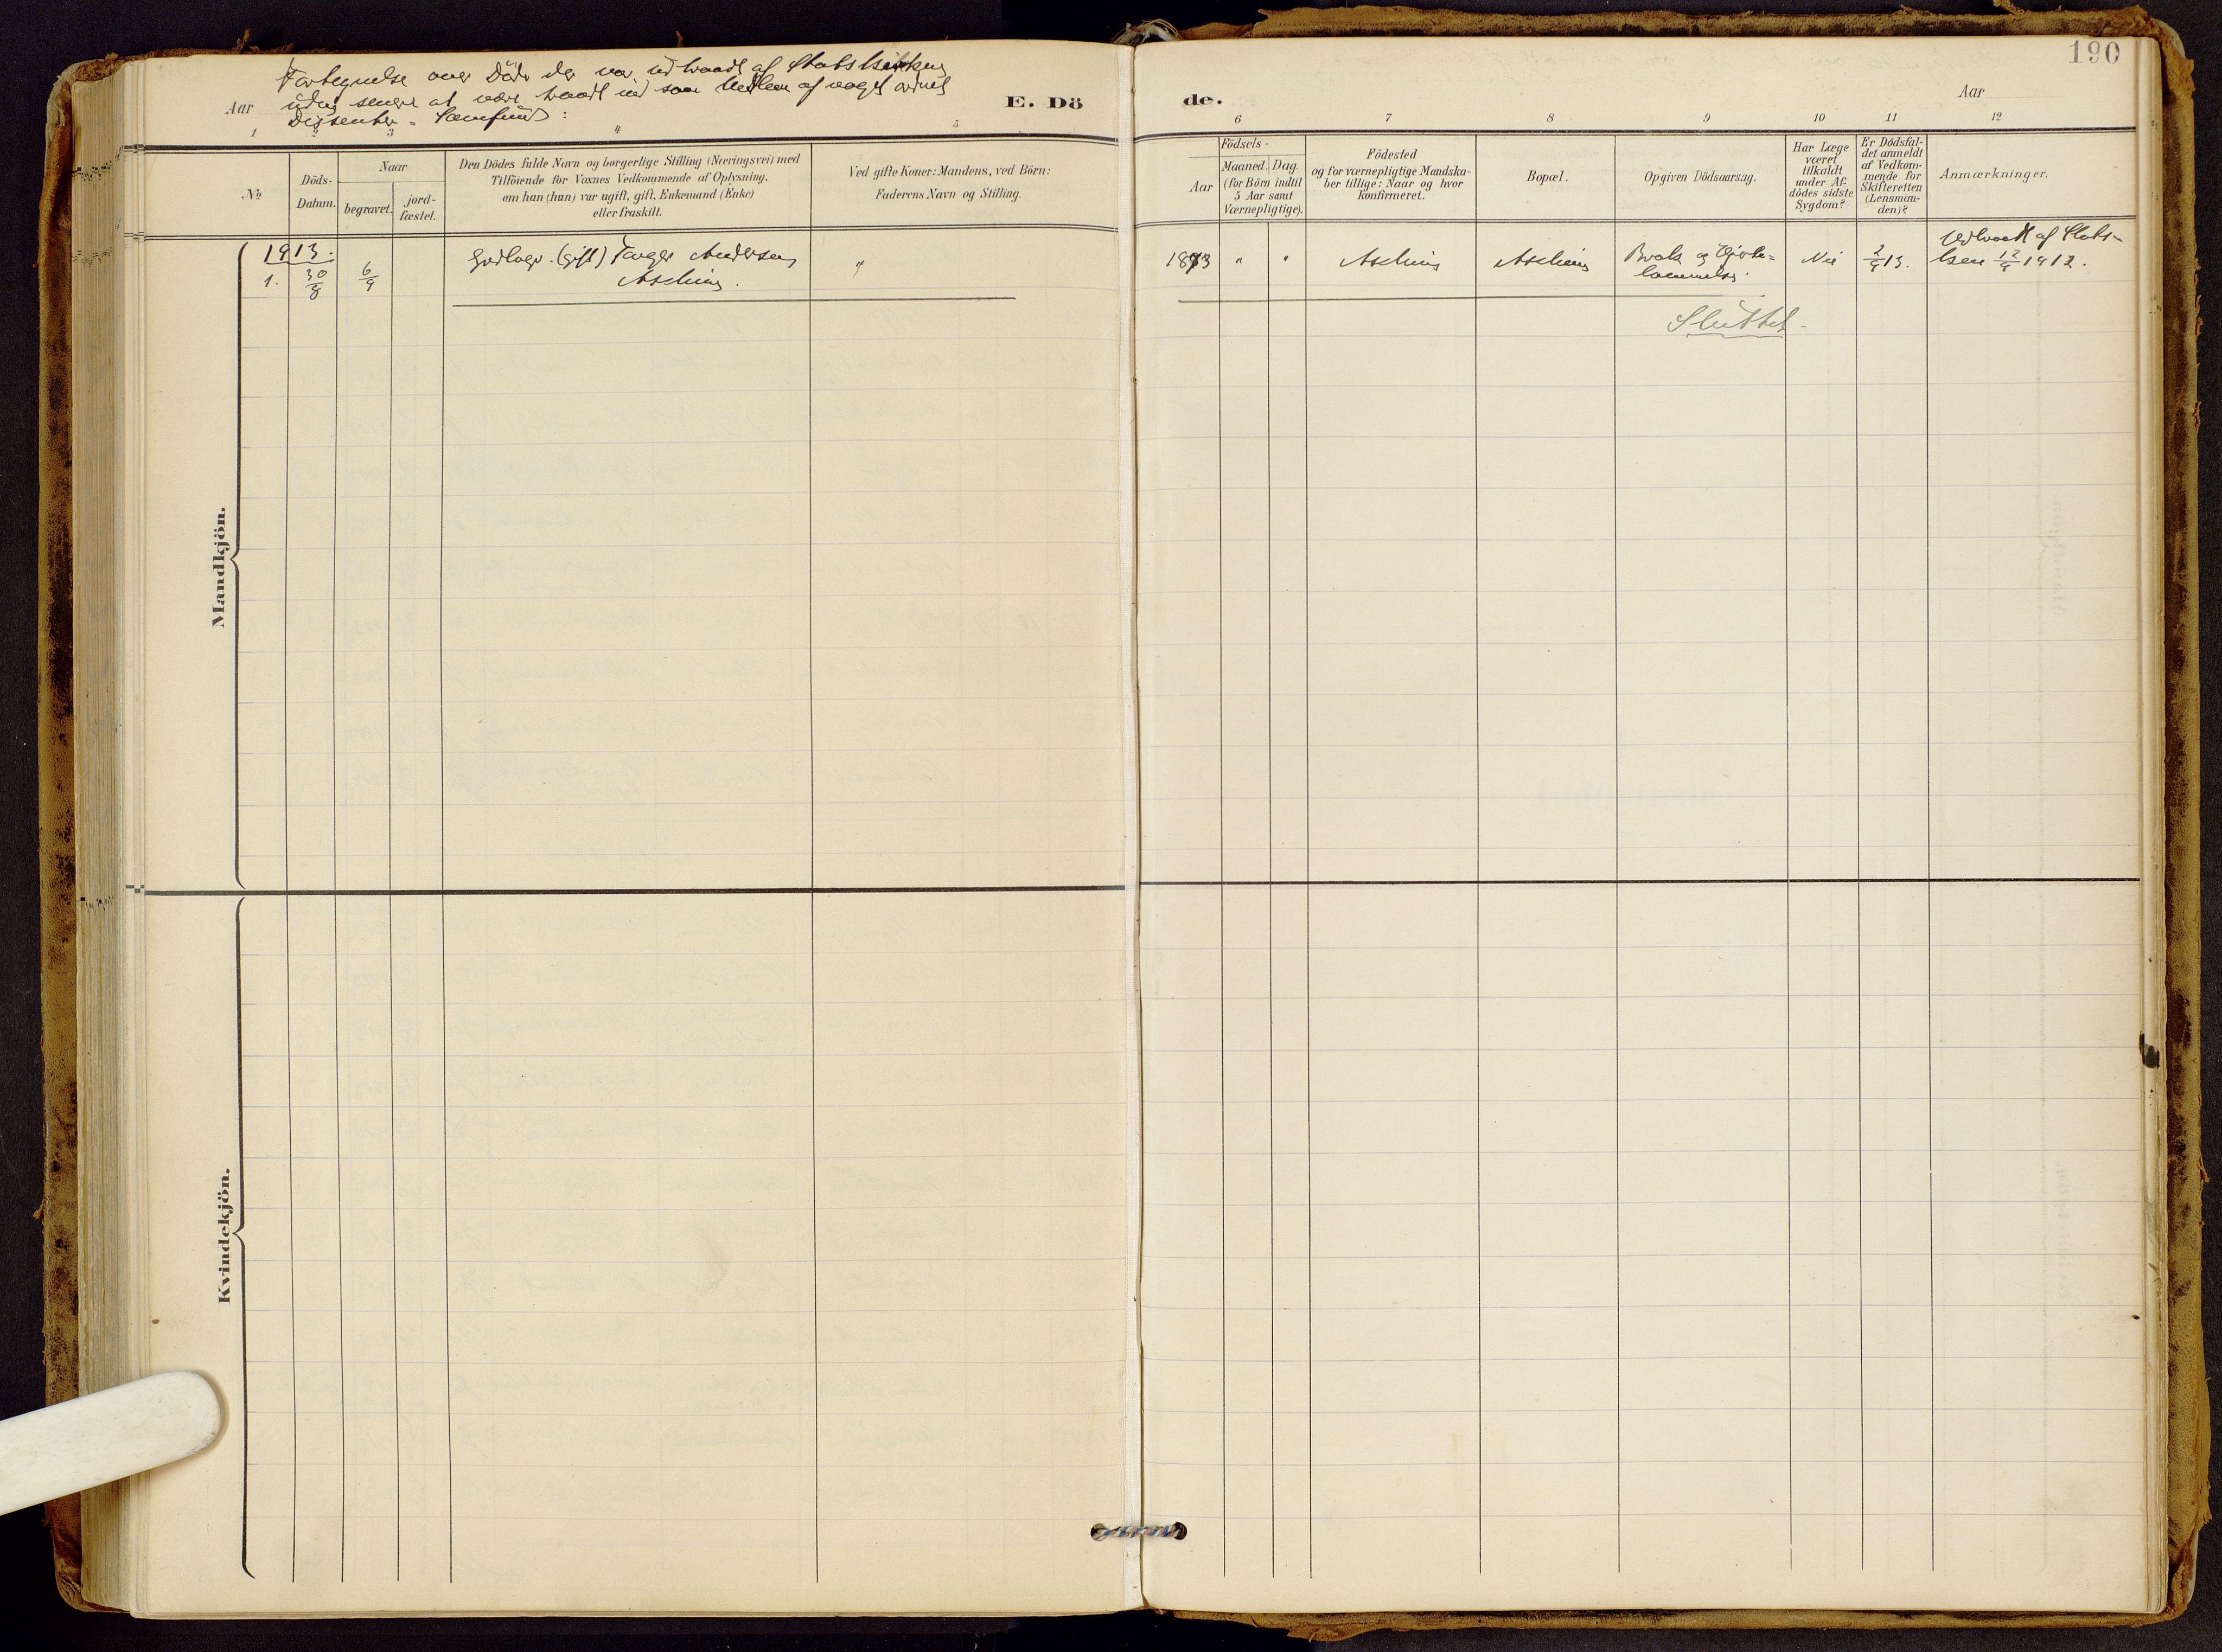 SAH, Brandbu prestekontor, Ministerialbok nr. 2, 1899-1914, s. 190